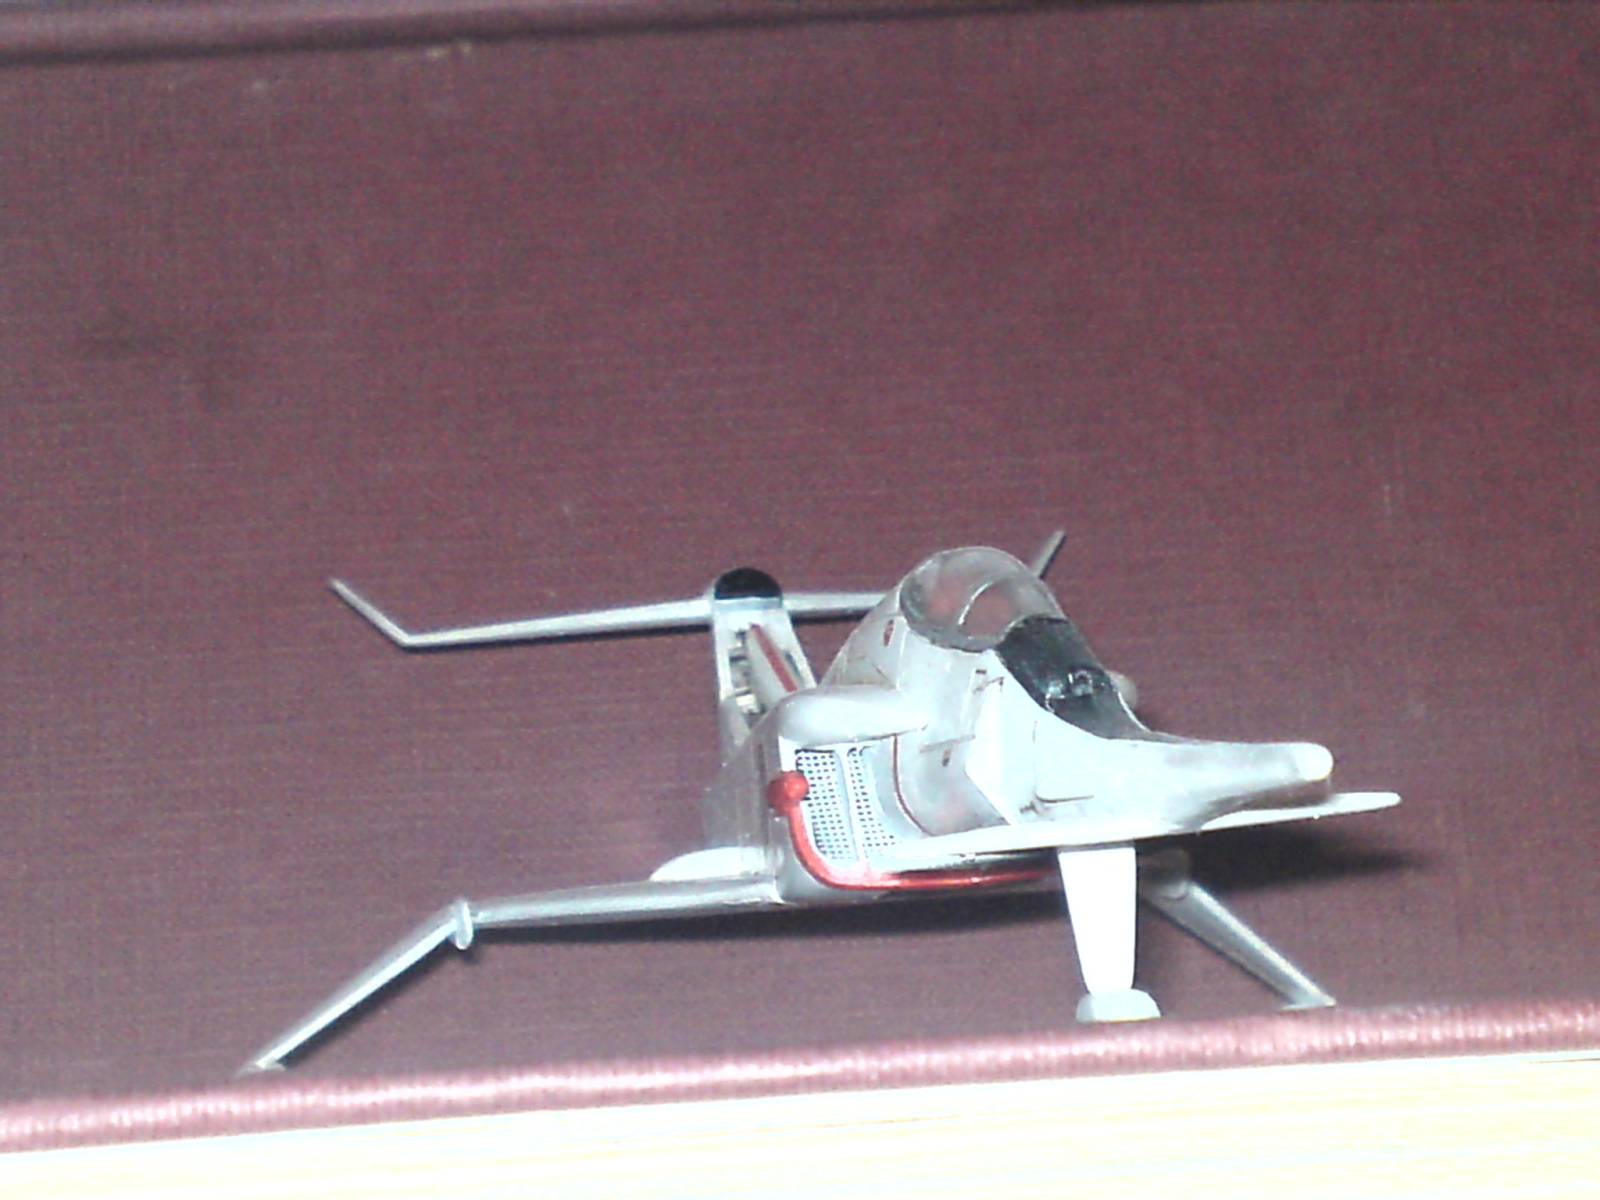 Captain Scarlet's Angel Interceptor 1/72 Airfix 2r3ky3a